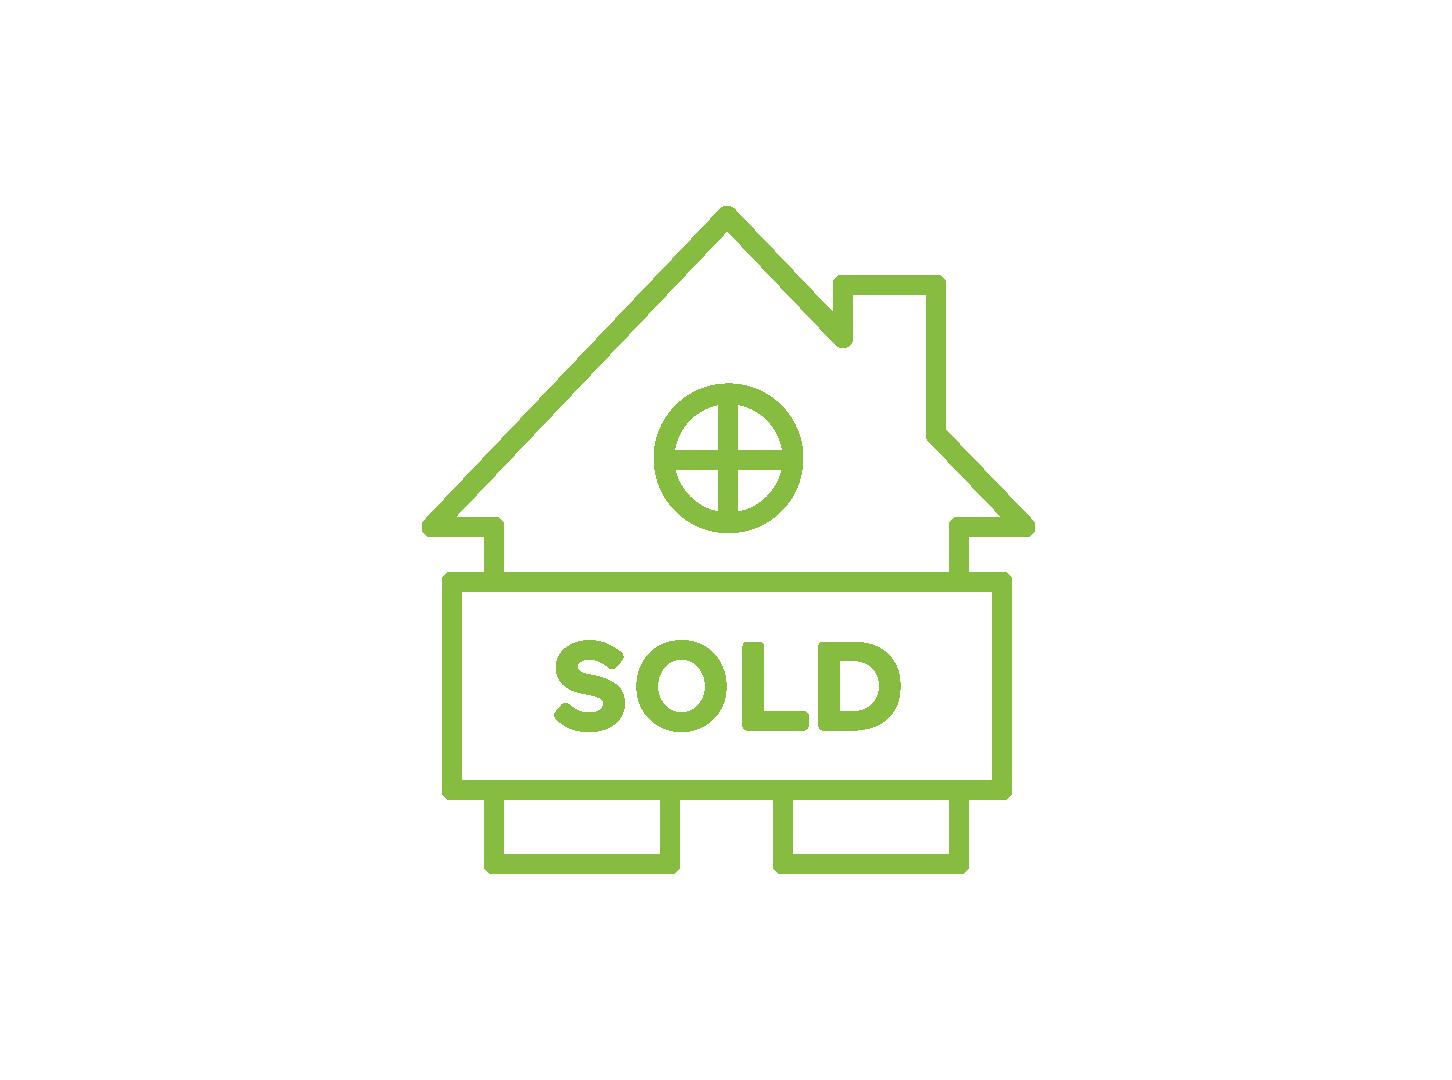 SellingProcess3.png